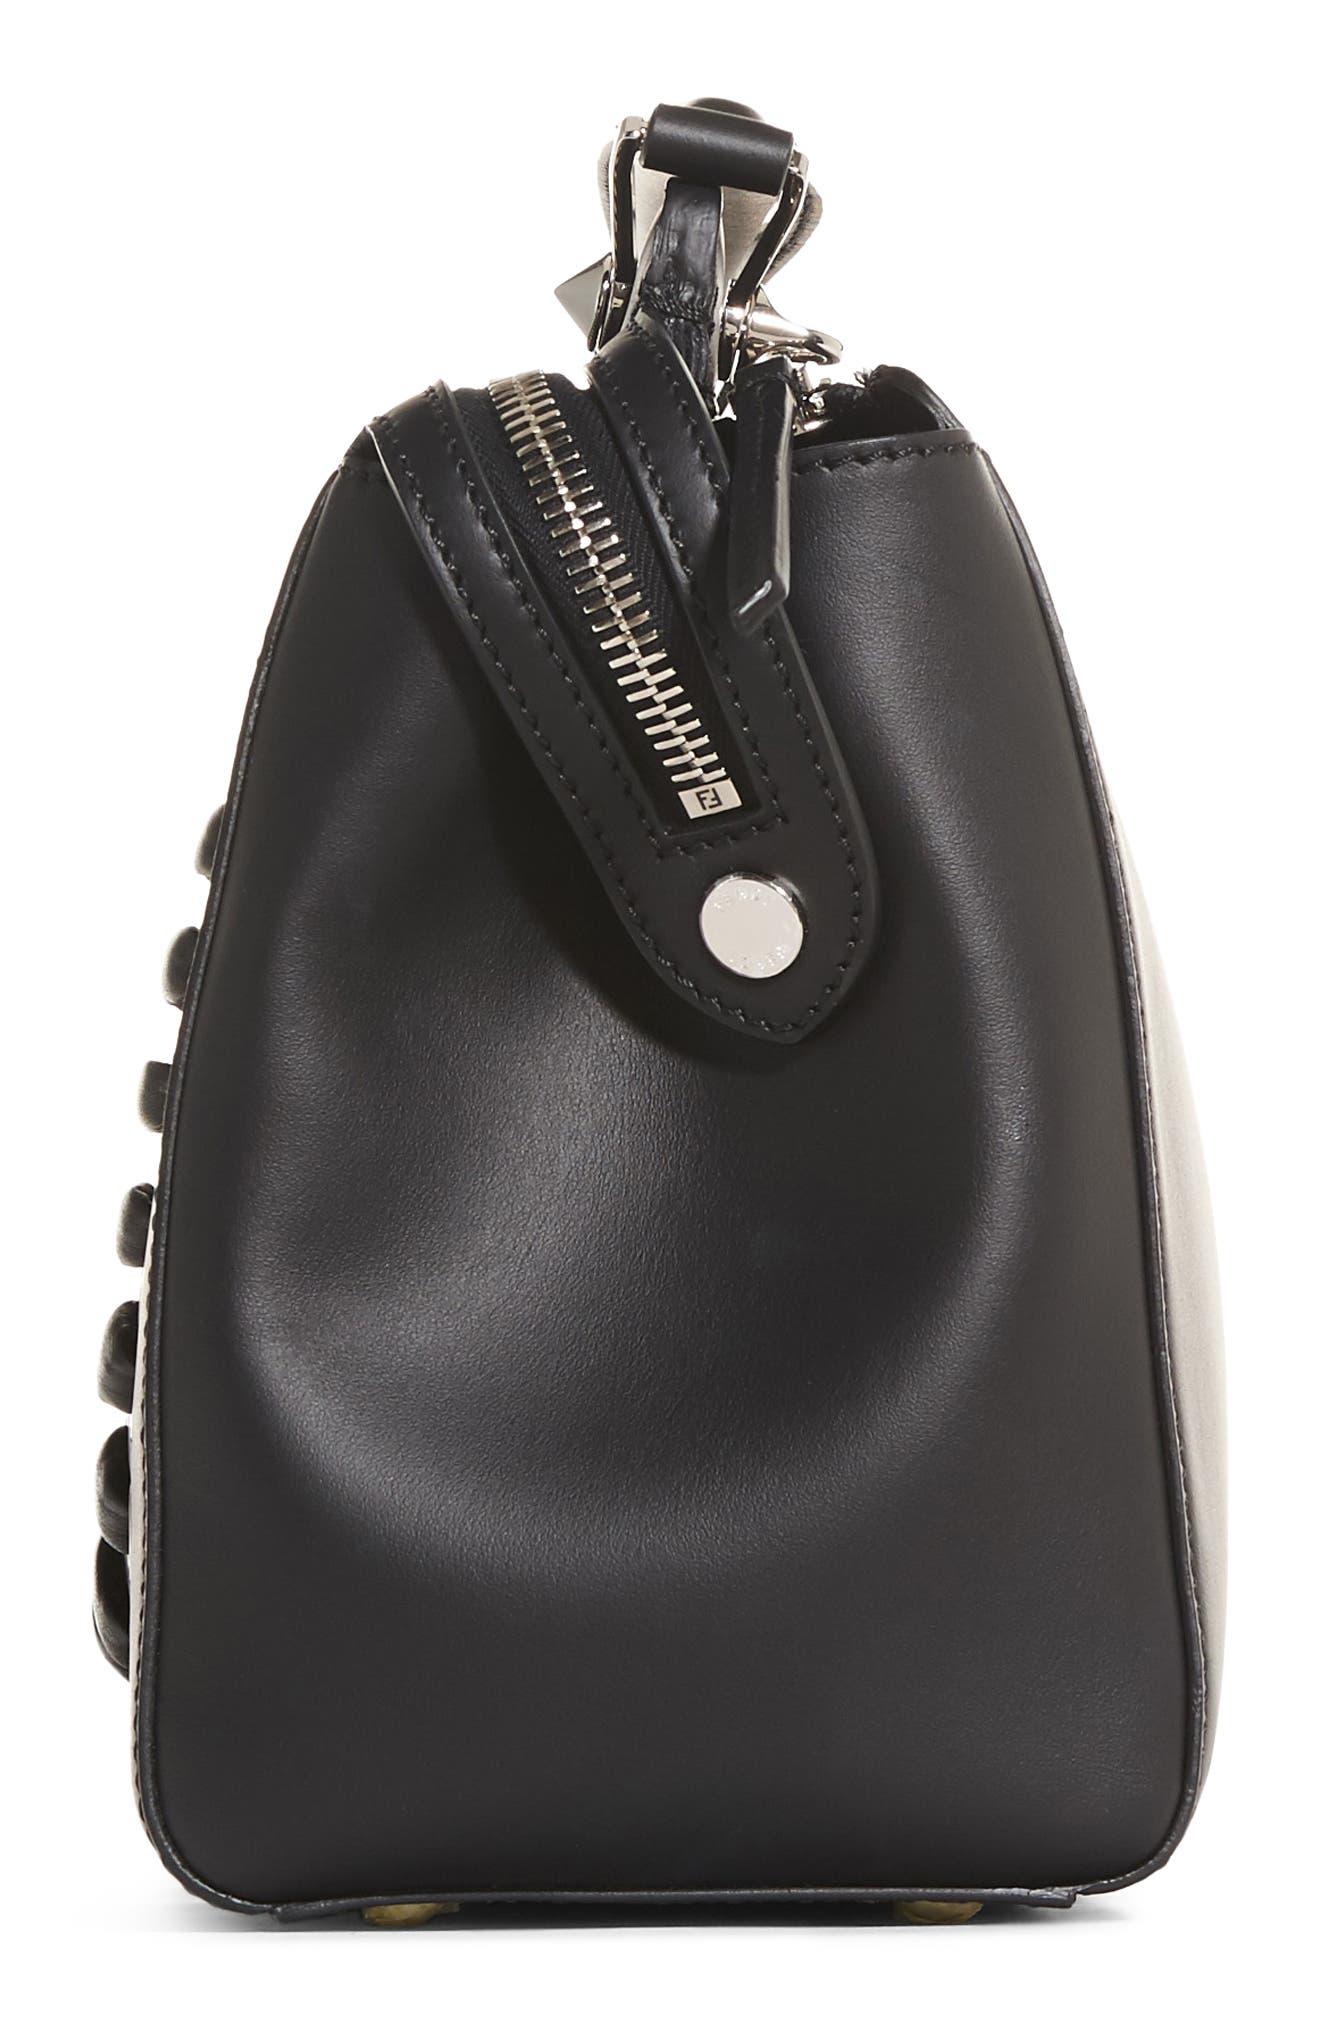 FENDI,                             'DOTCOM' Lace-Up Leather Satchel,                             Alternate thumbnail 4, color,                             004